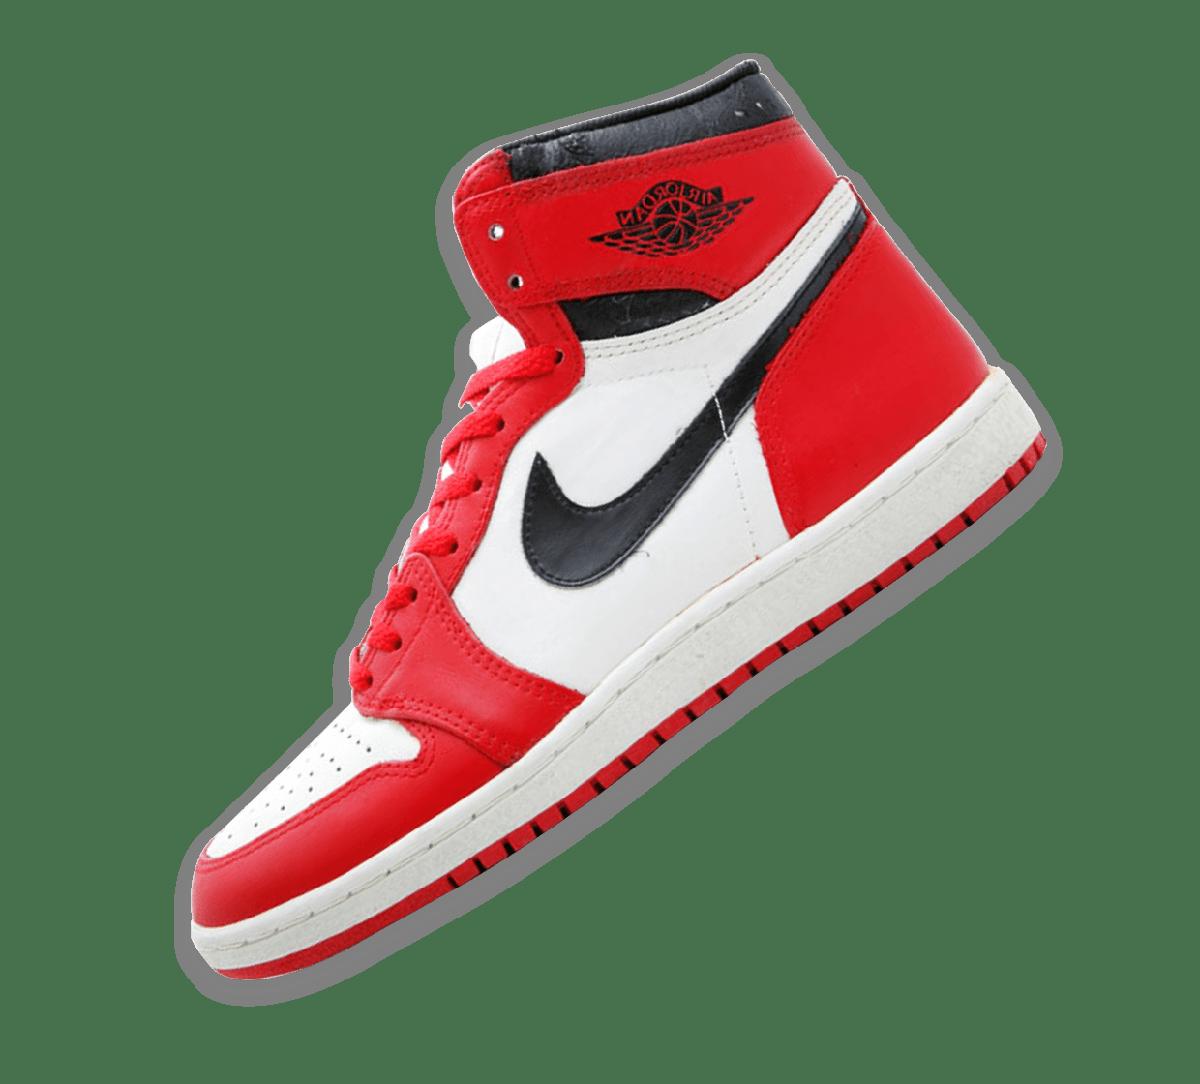 Nike Air Jordan 1985 & BRED Image